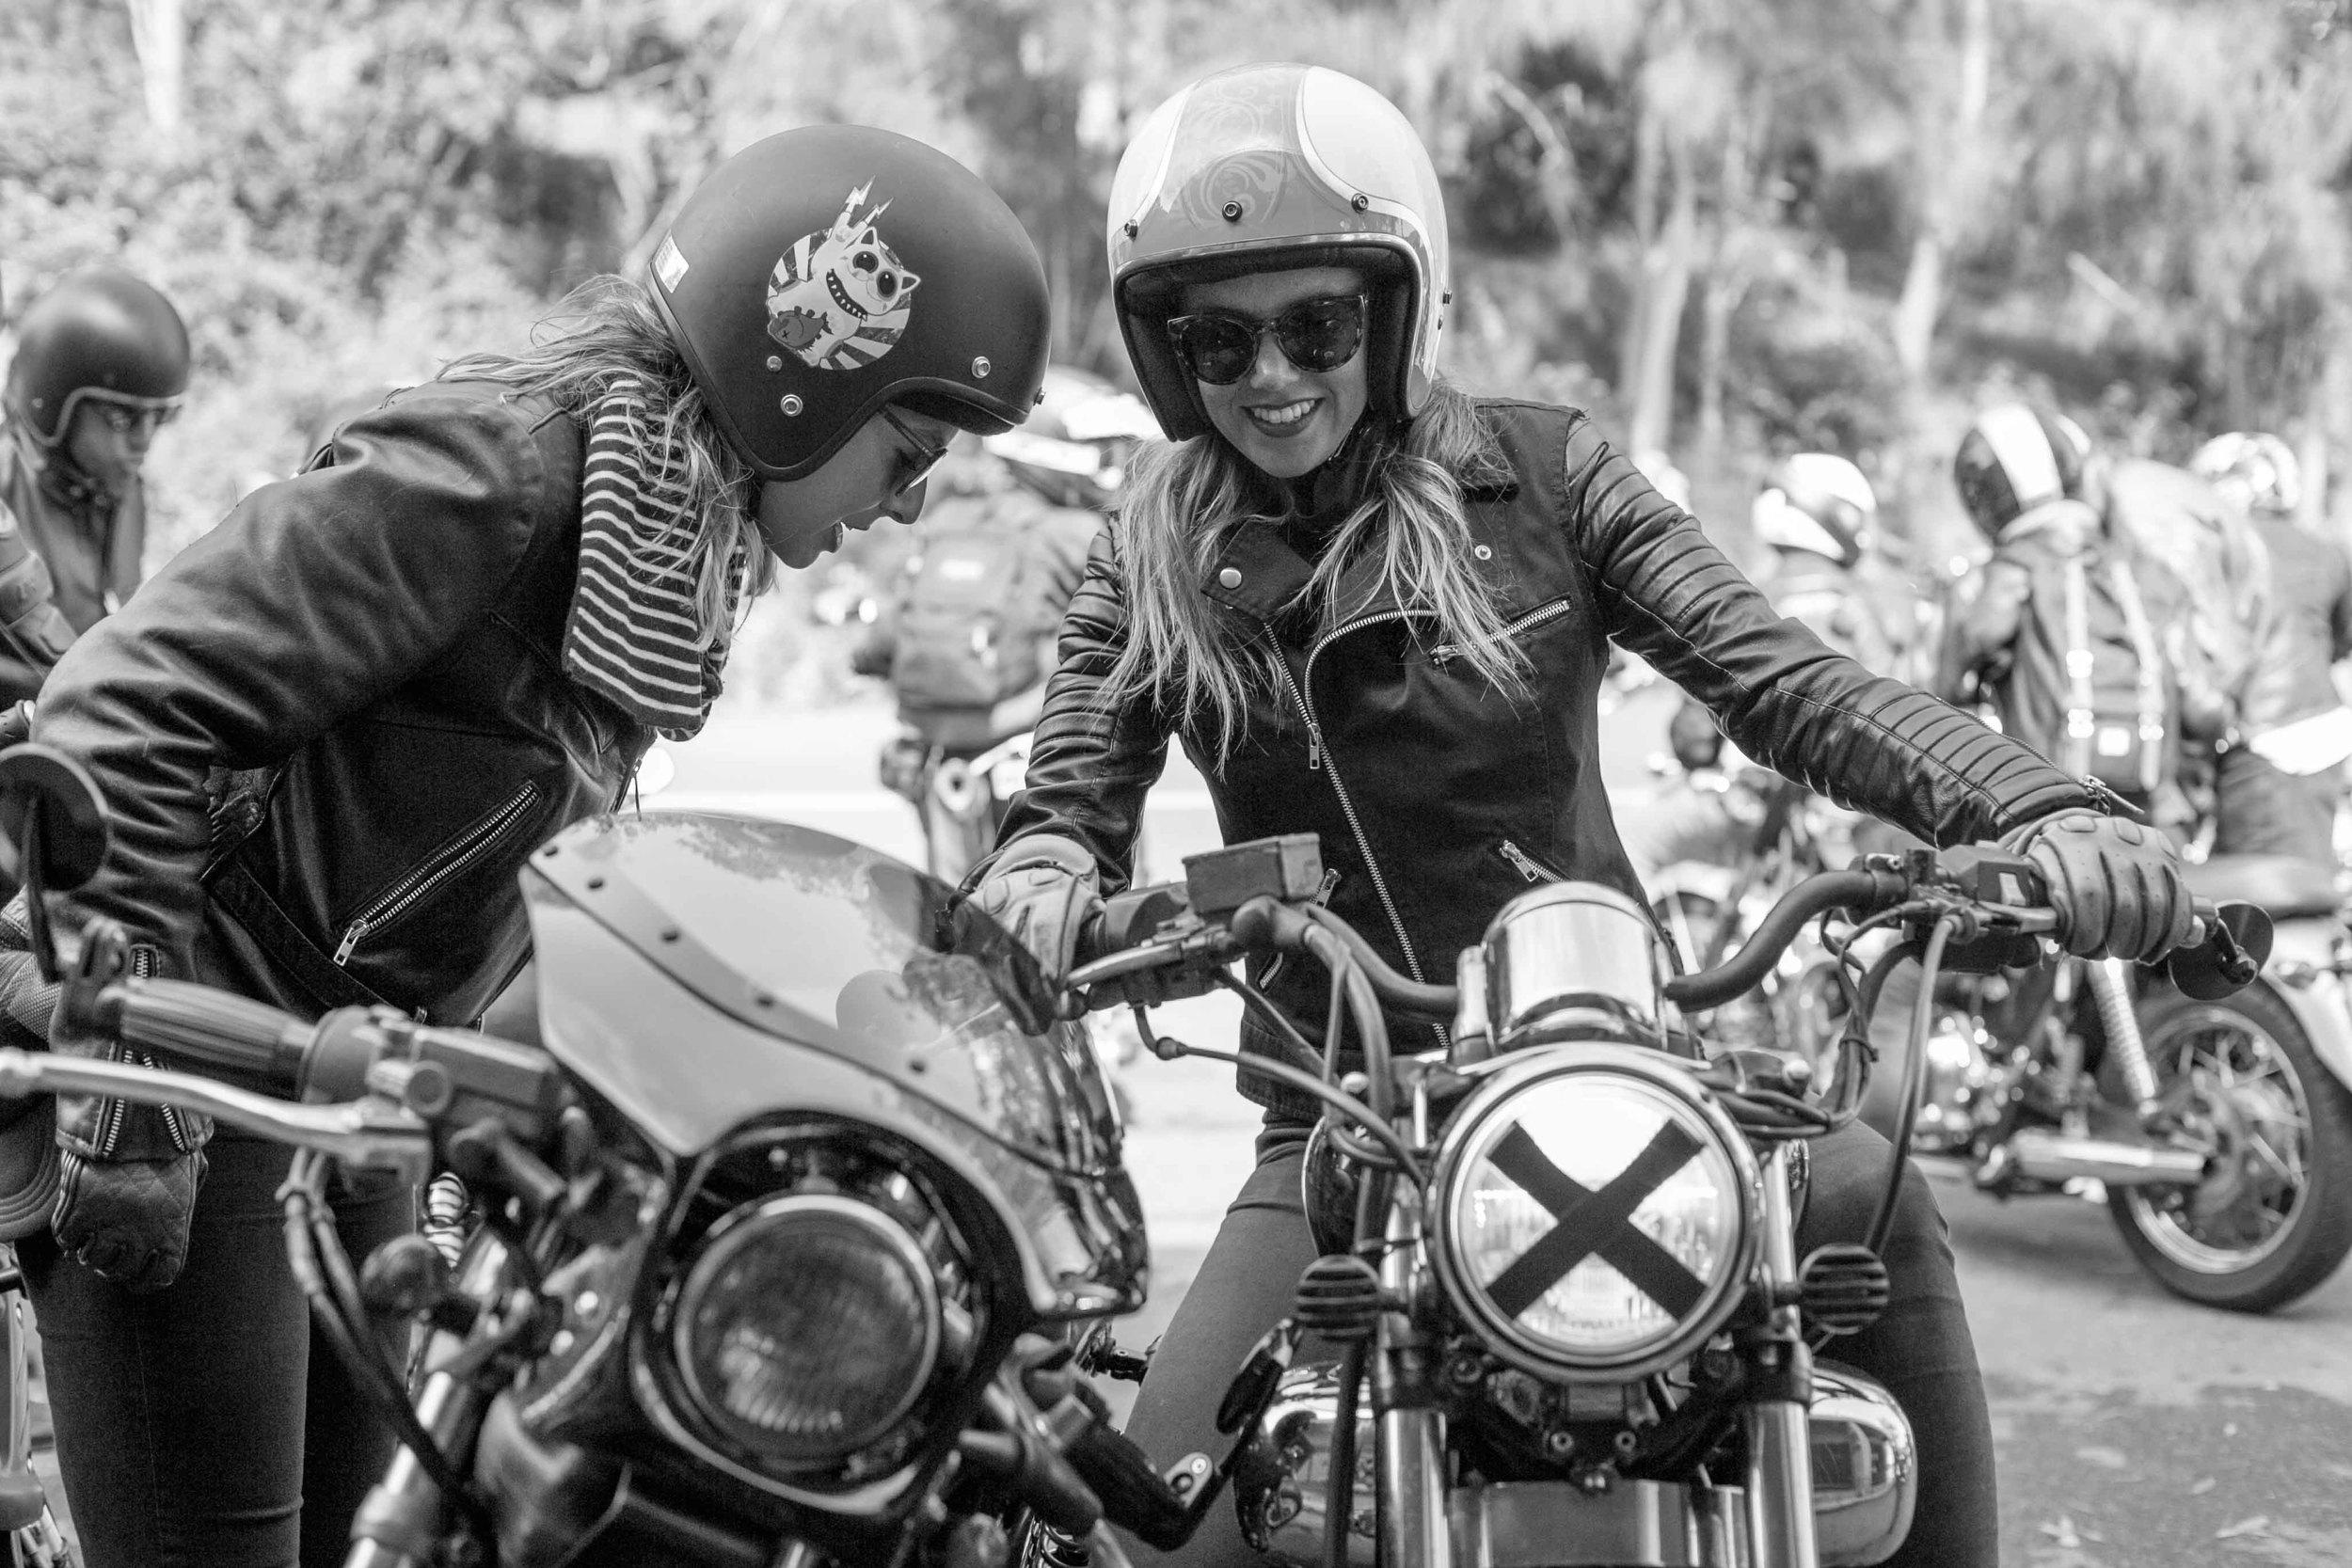 in_venus_Veritas_throttle_dolls_ride-41.jpg